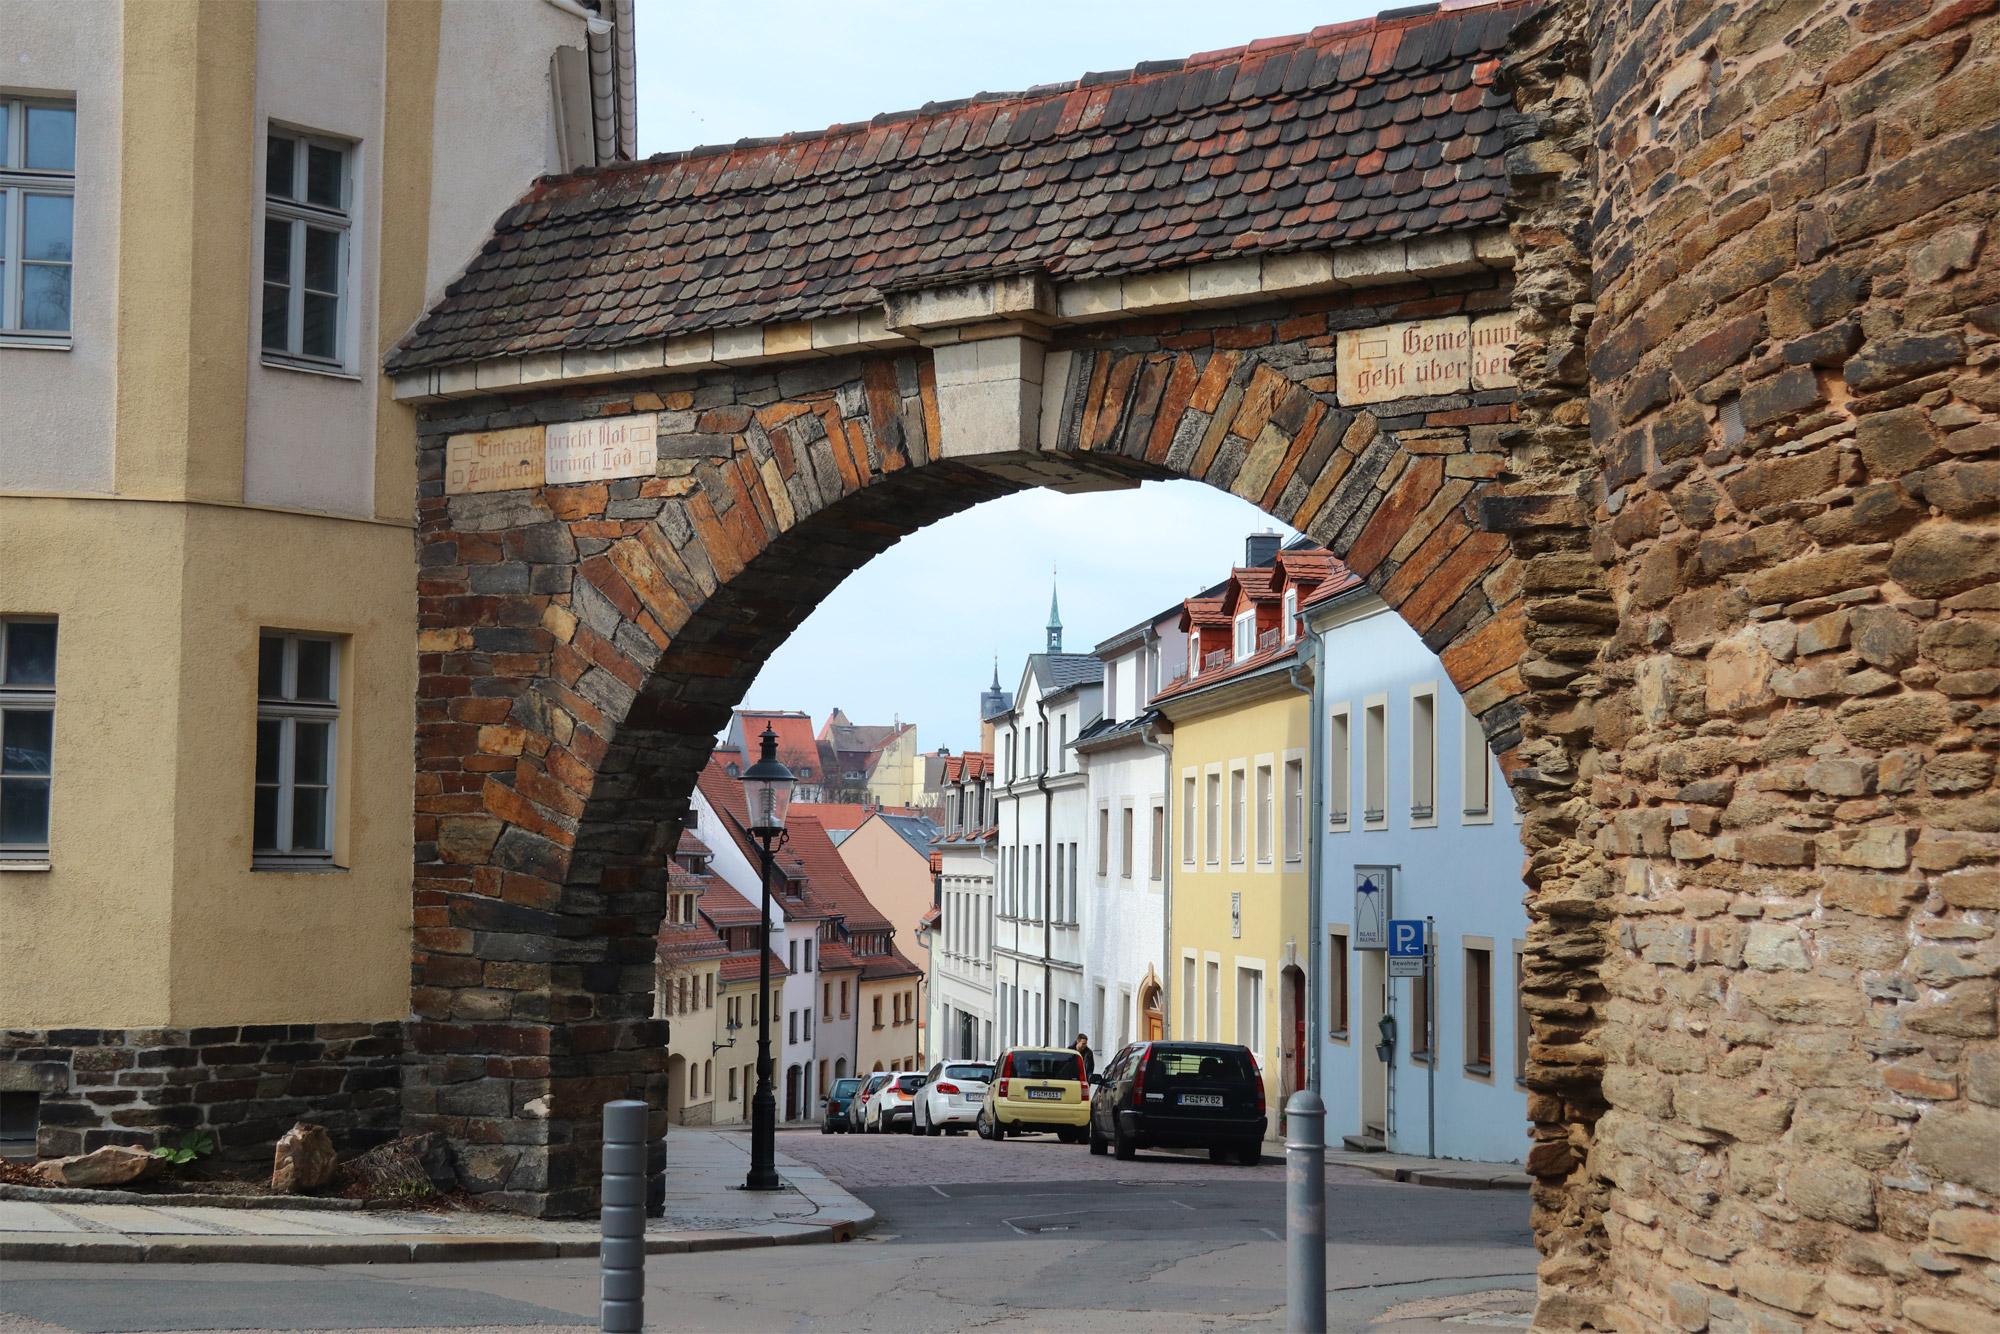 Freiberg, de zilverstad in Saksen - Donatstor